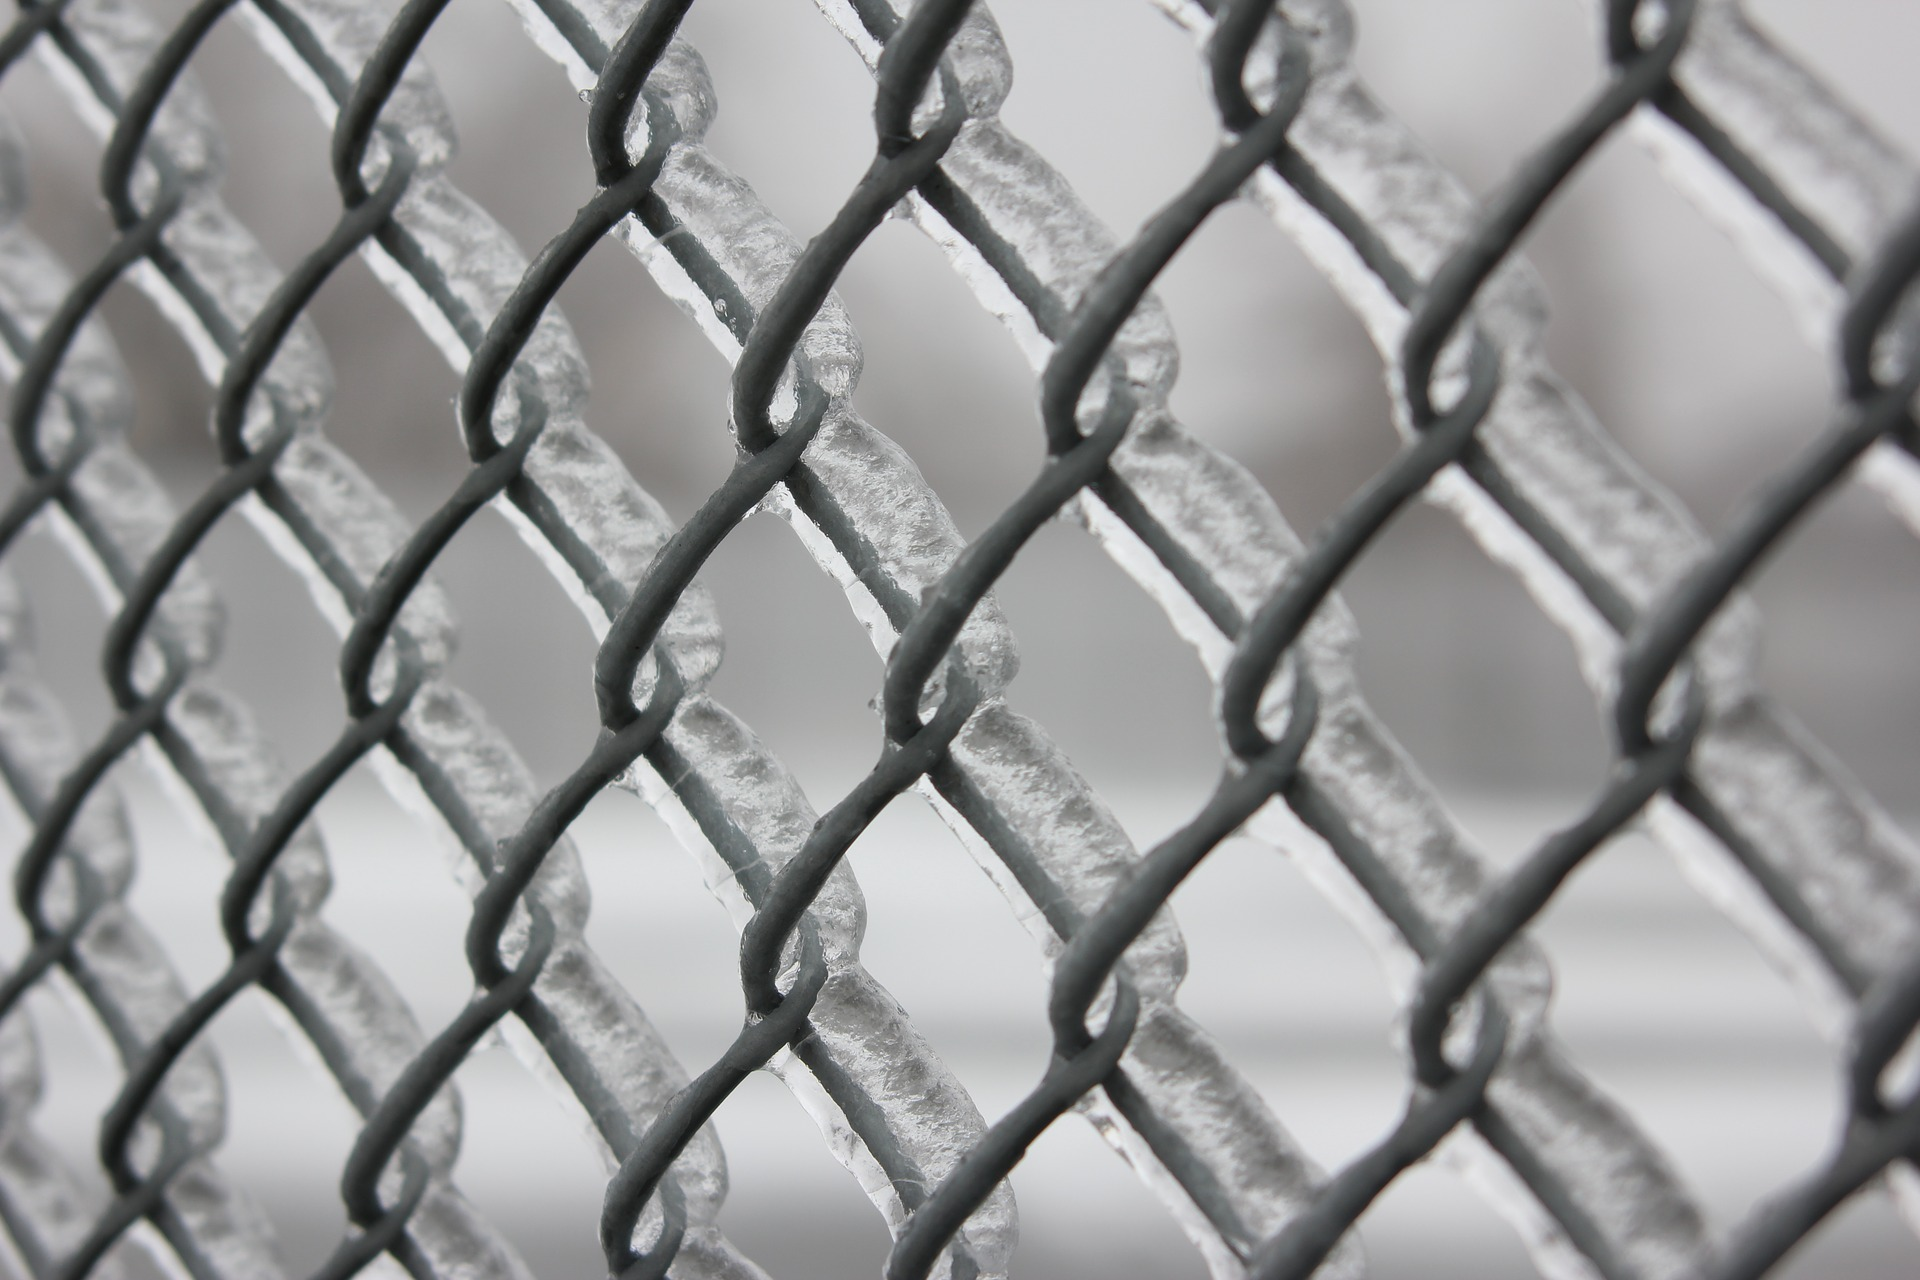 Face aux chutes des températures, le plan Grand froid a été activé par le préfet du Territoire de Belfort. (Image par valsimots de Pixabay )